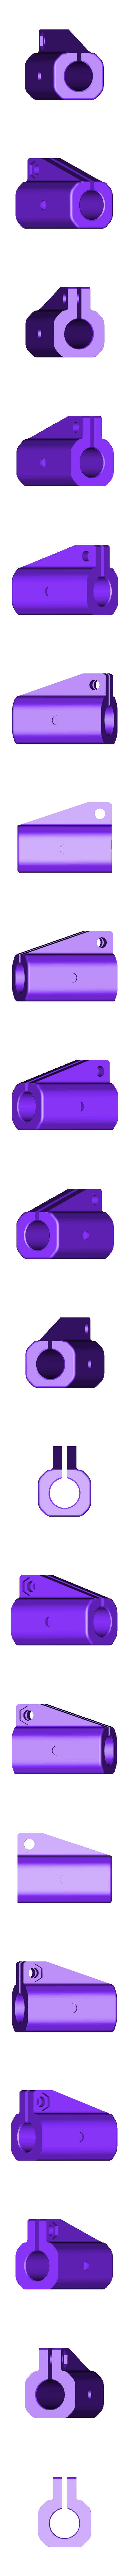 swivel_joint.STL Télécharger fichier STL gratuit GoPro 360 Support de rotor • Objet pour impression 3D, daGHIZmo